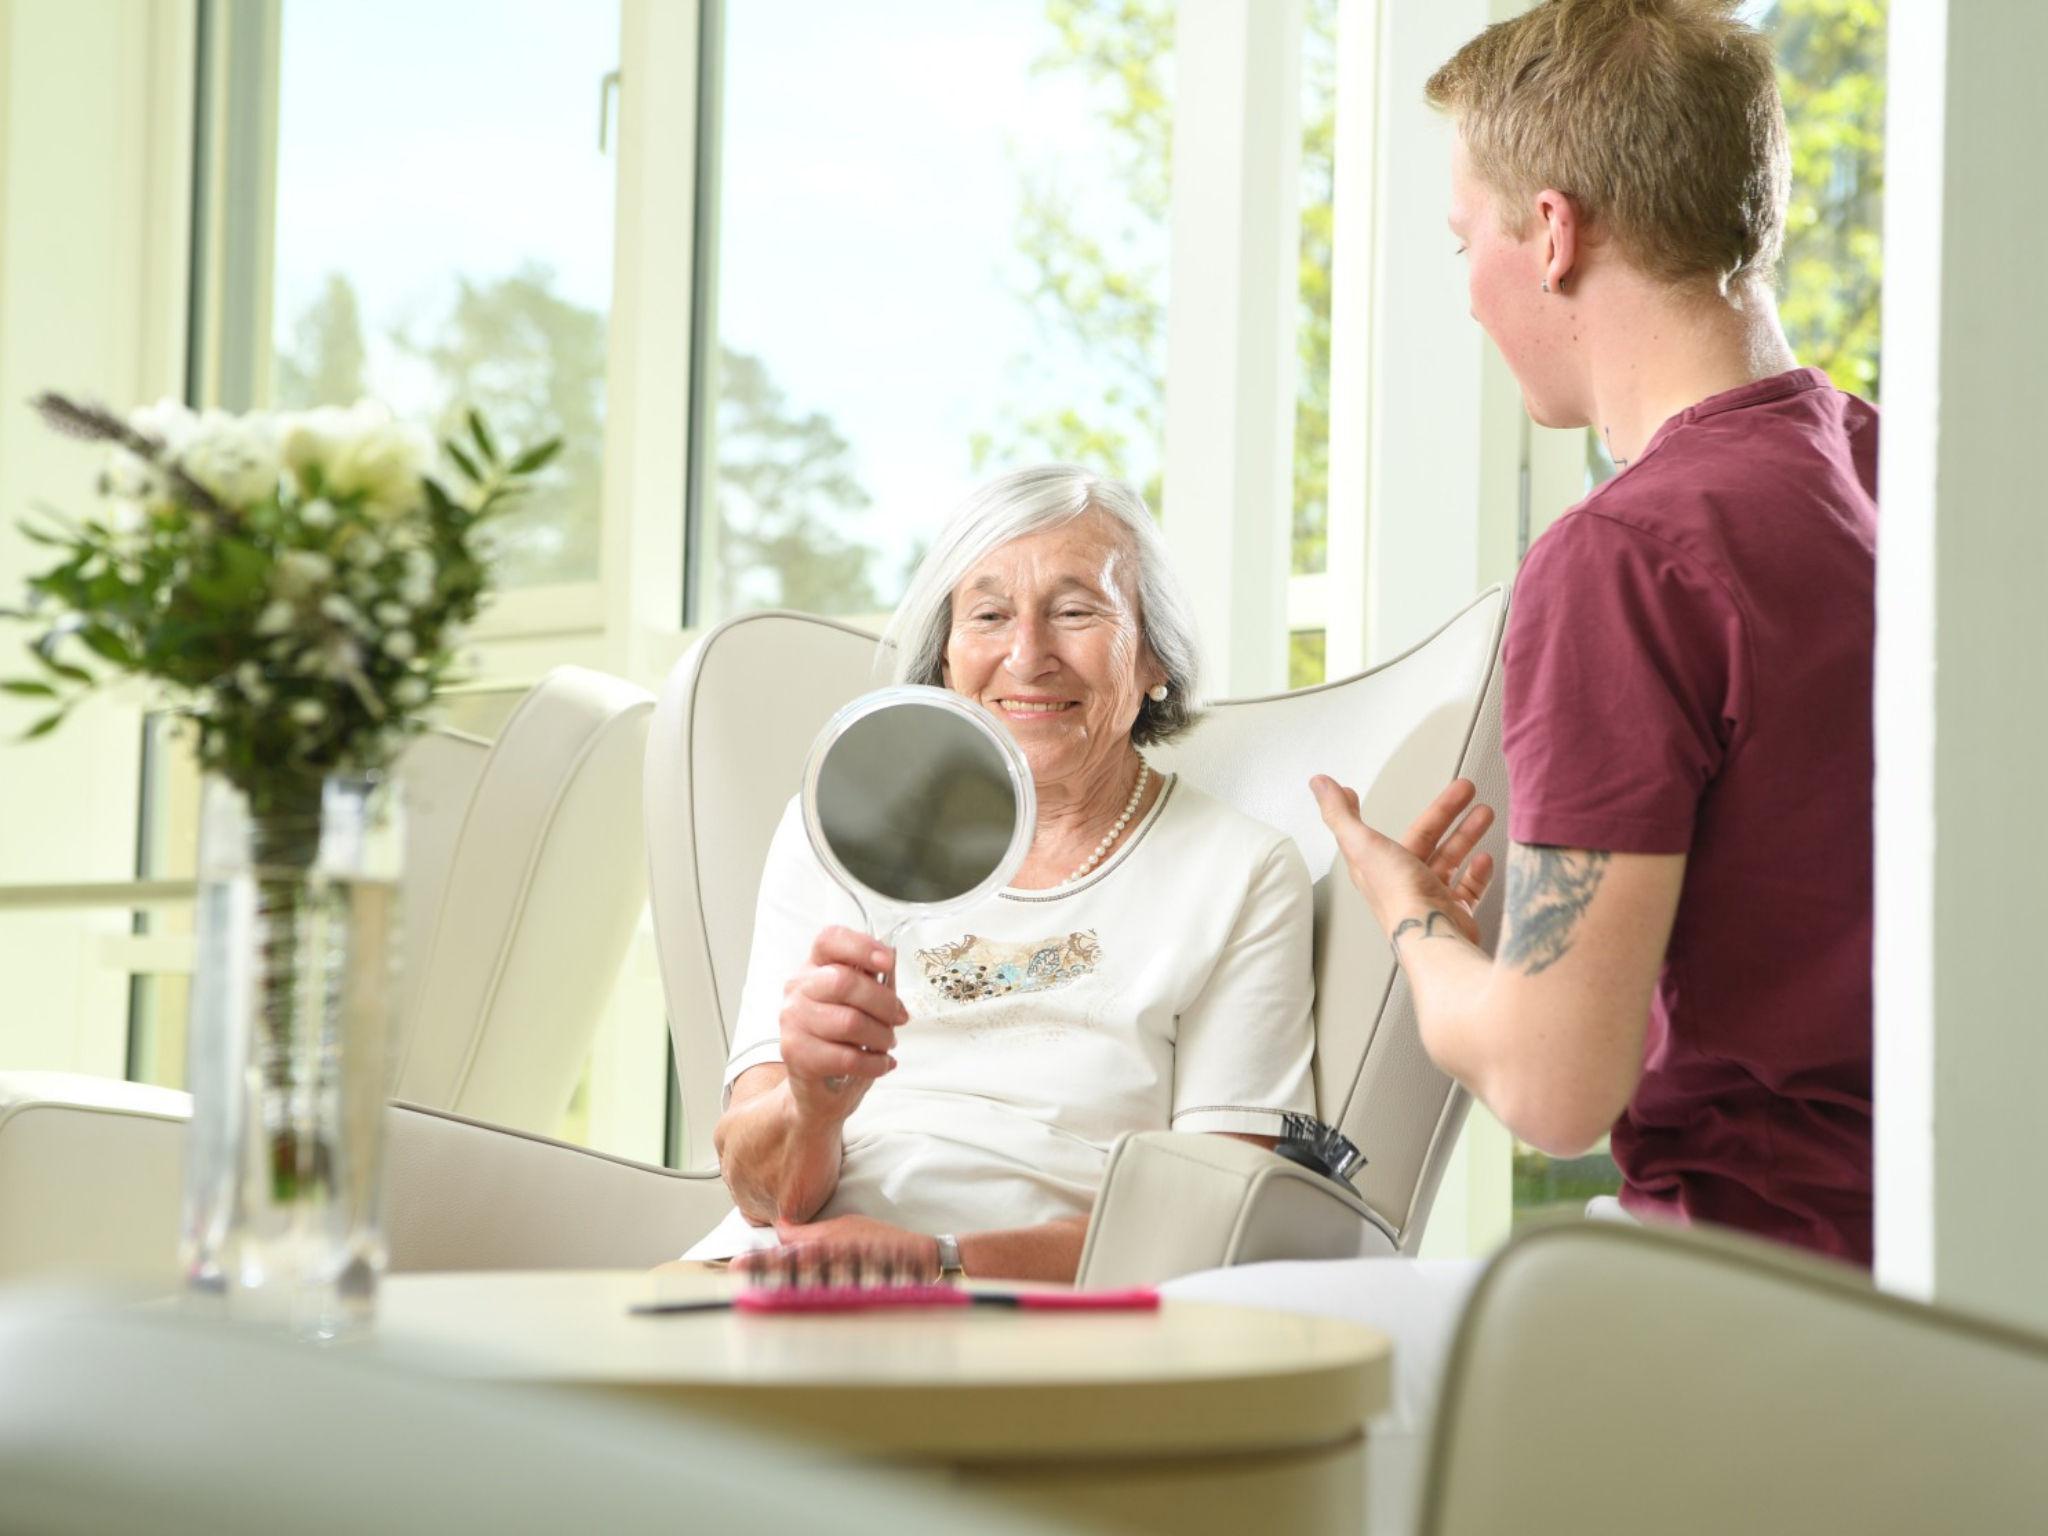 Als Altenpfleger und Altenpflegehelfer unterstützt man Senioren in Tätigkeiten des täglichen Lebens. Foto: Daniel Weber.